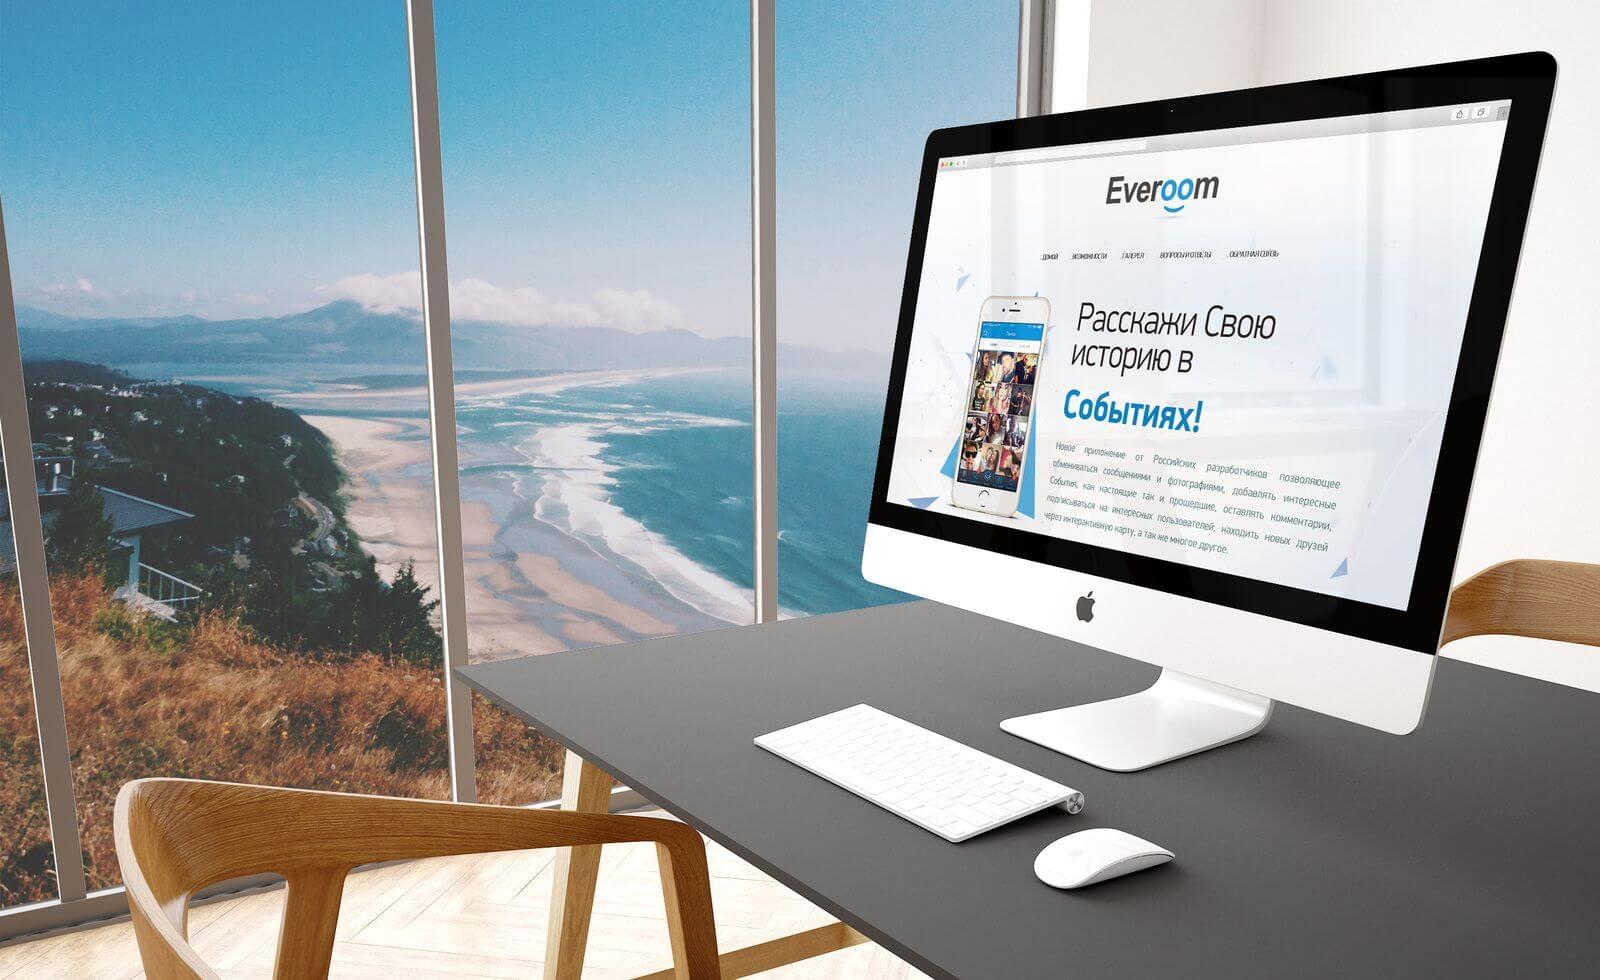 Студия Ракета завершила разработку сайта Everoom.com